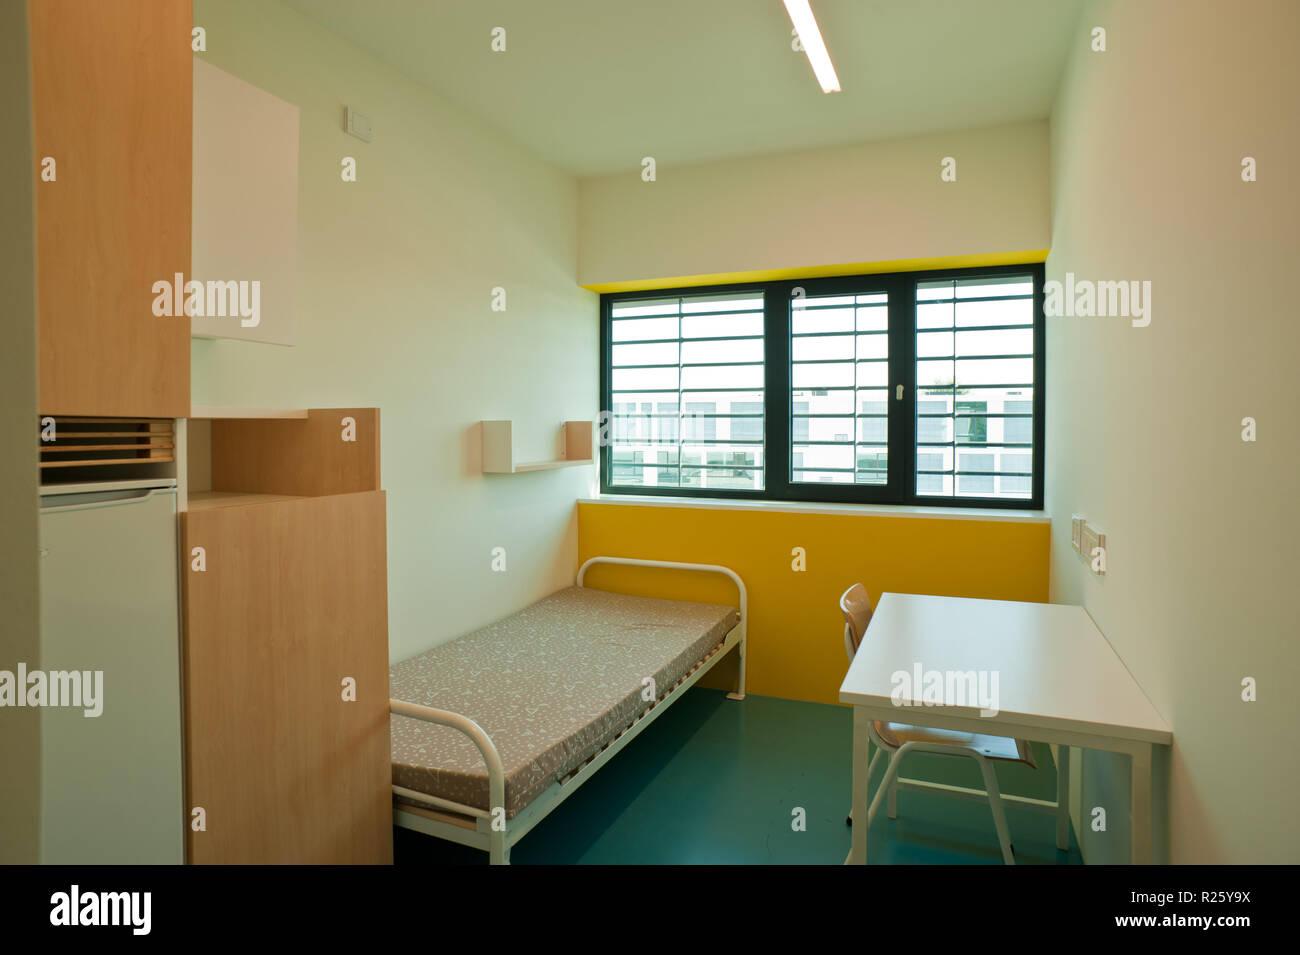 Justizzentrum Korneuburg, Strafanstalt Stock Photo